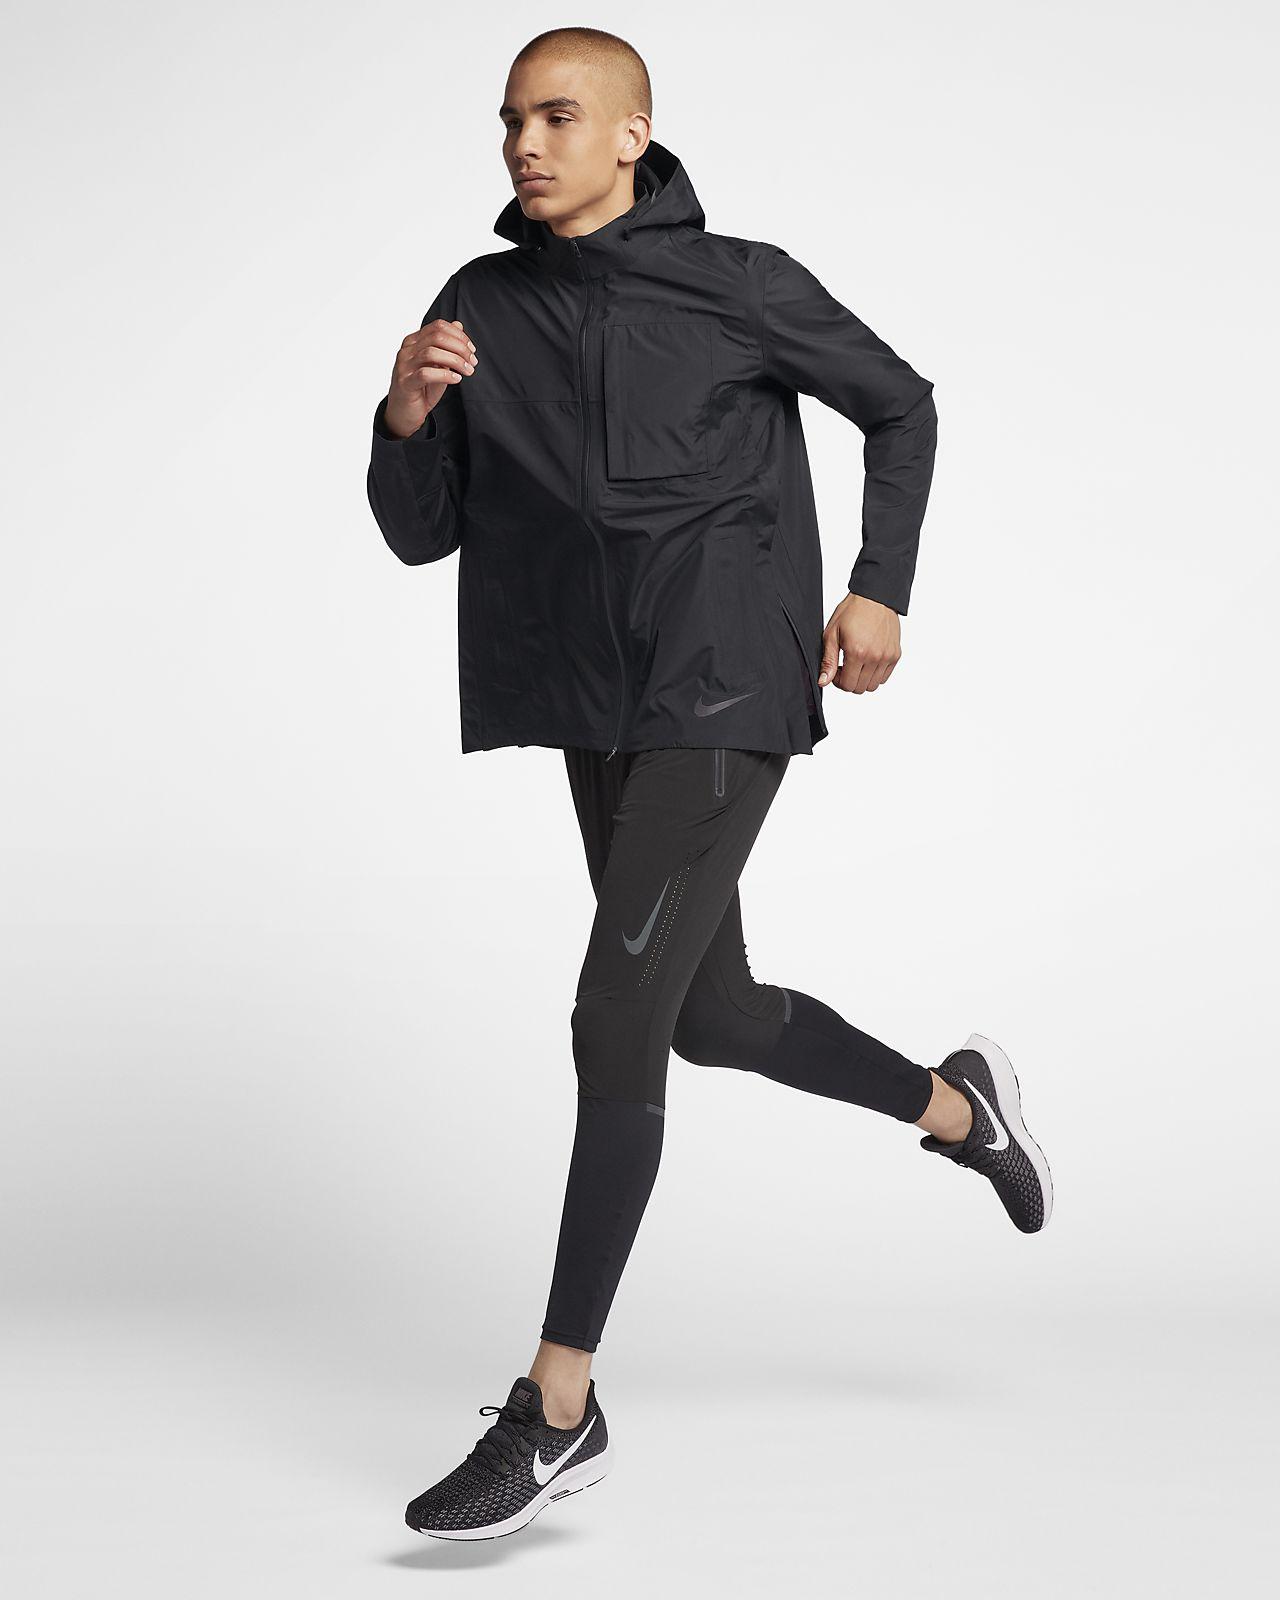 site réputé 6fc2a 12f07 Veste de running Nike AeroShield pour Homme